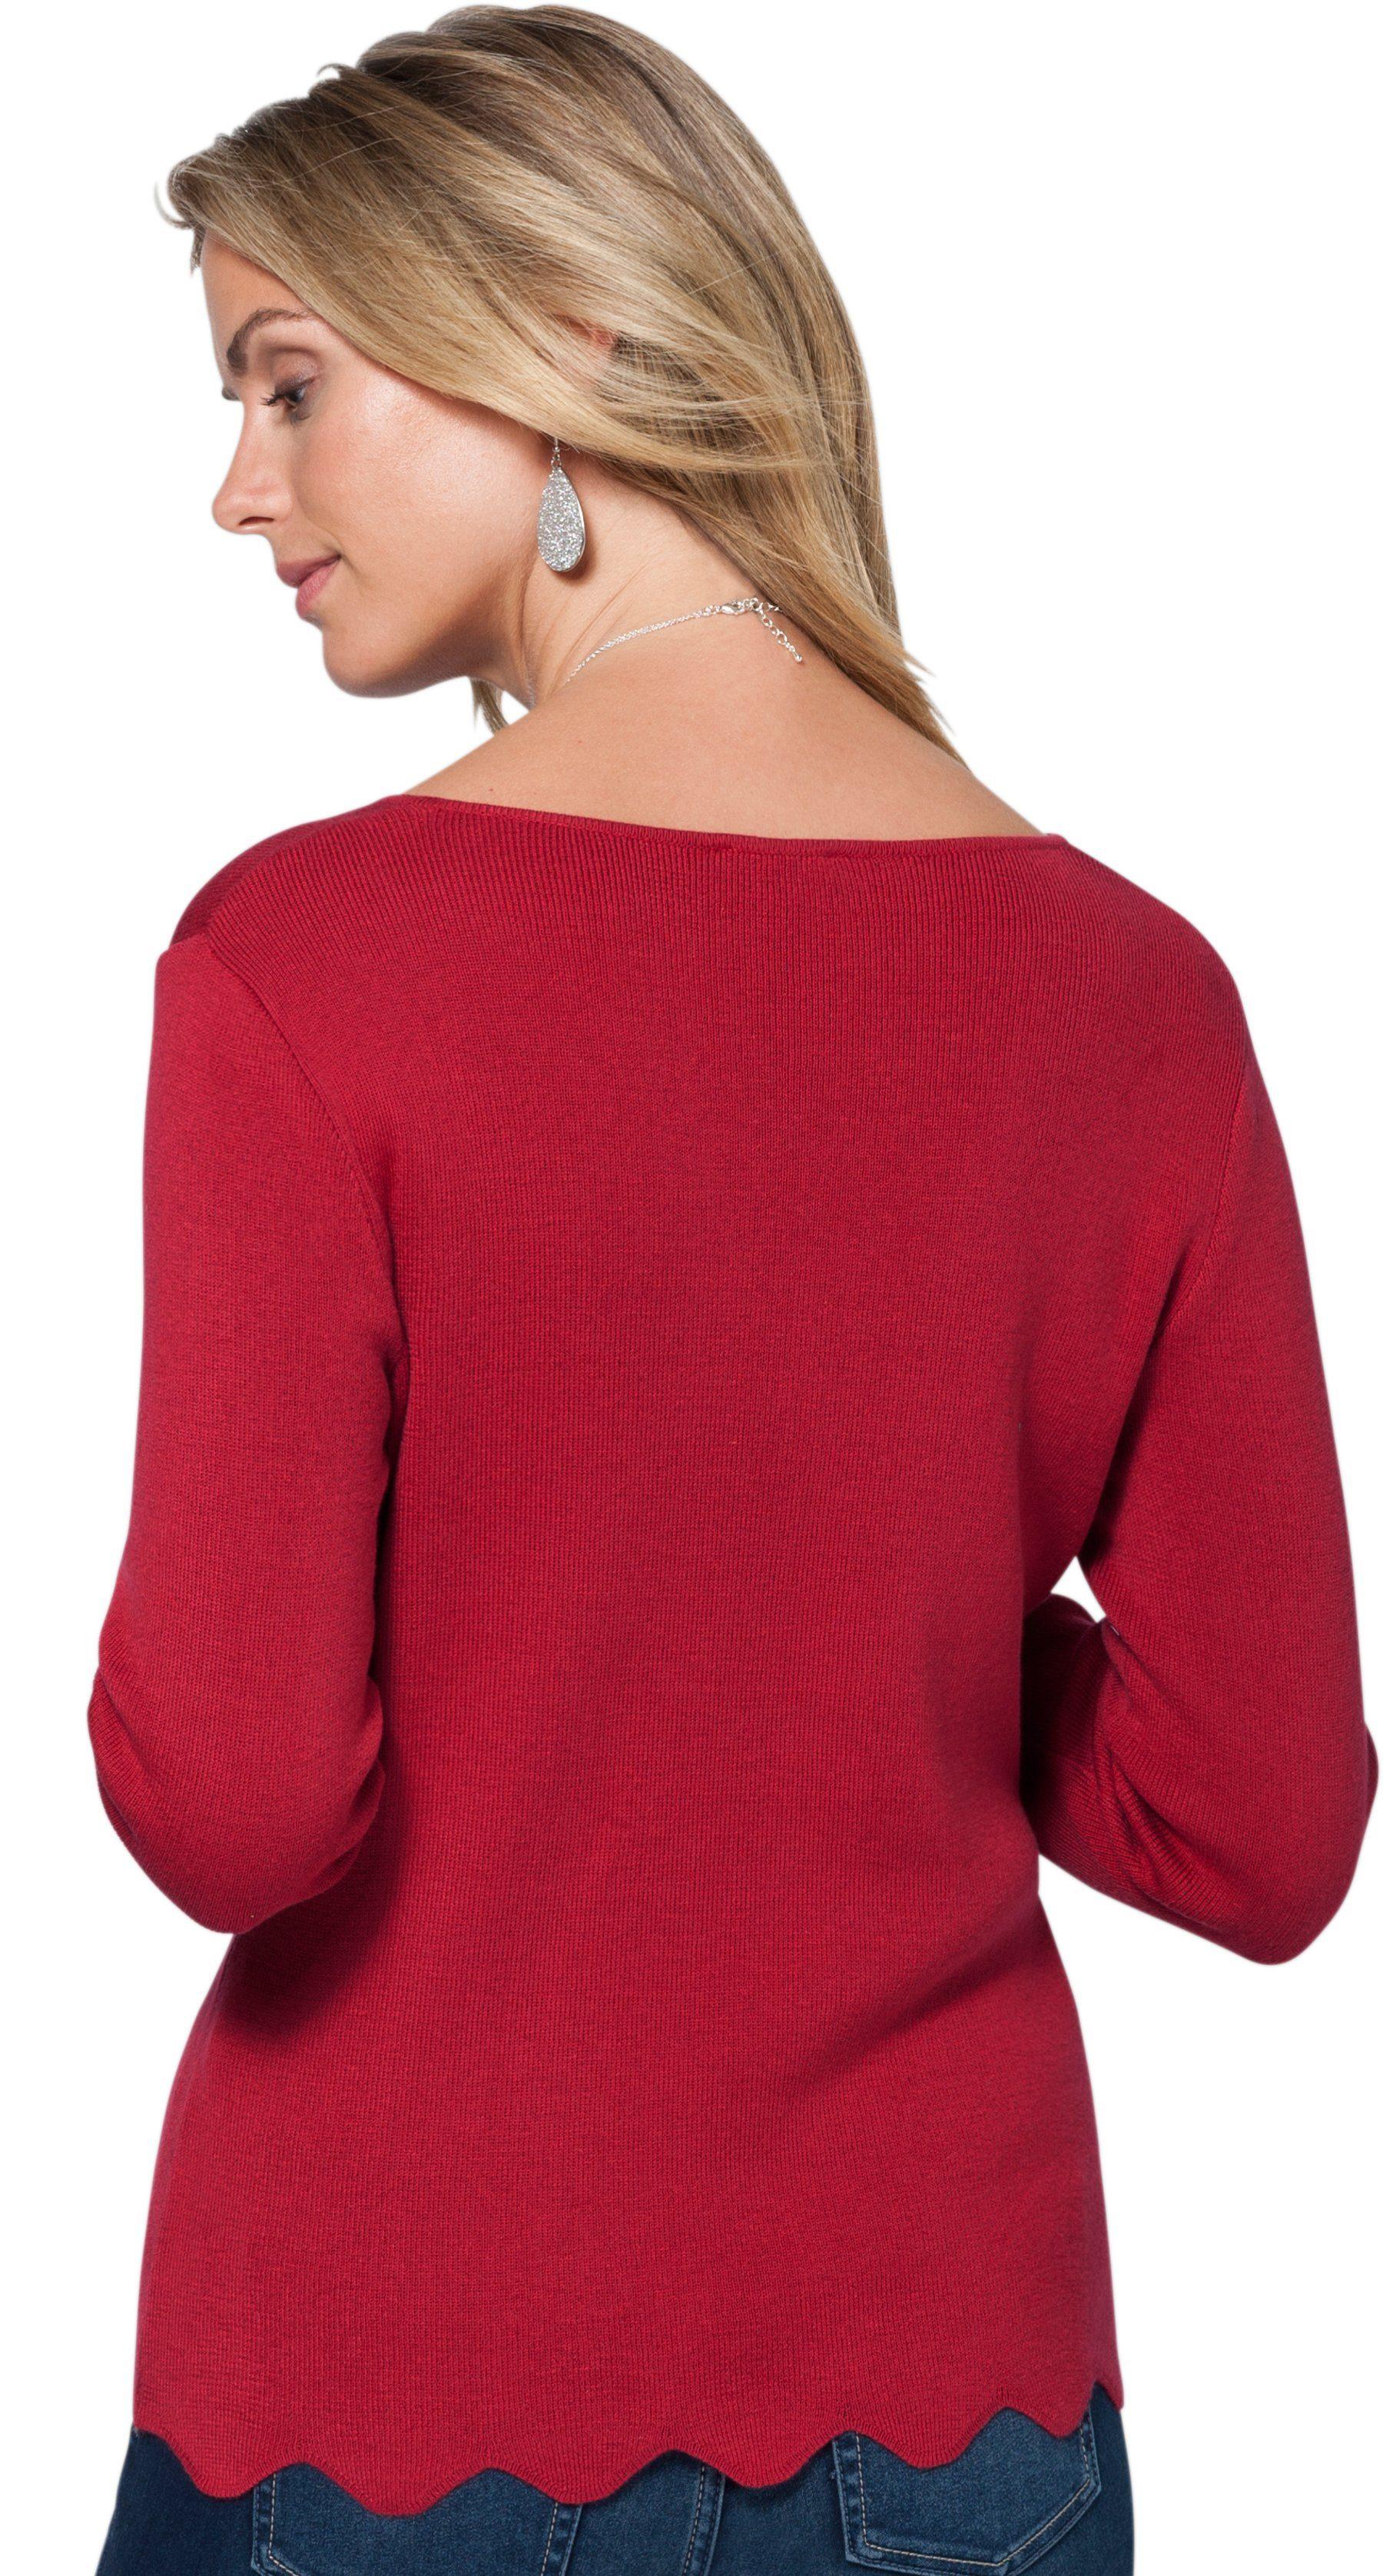 Abschlüssen Mit Ambria Gewellten Kaufen Pullover Ygvb76yf